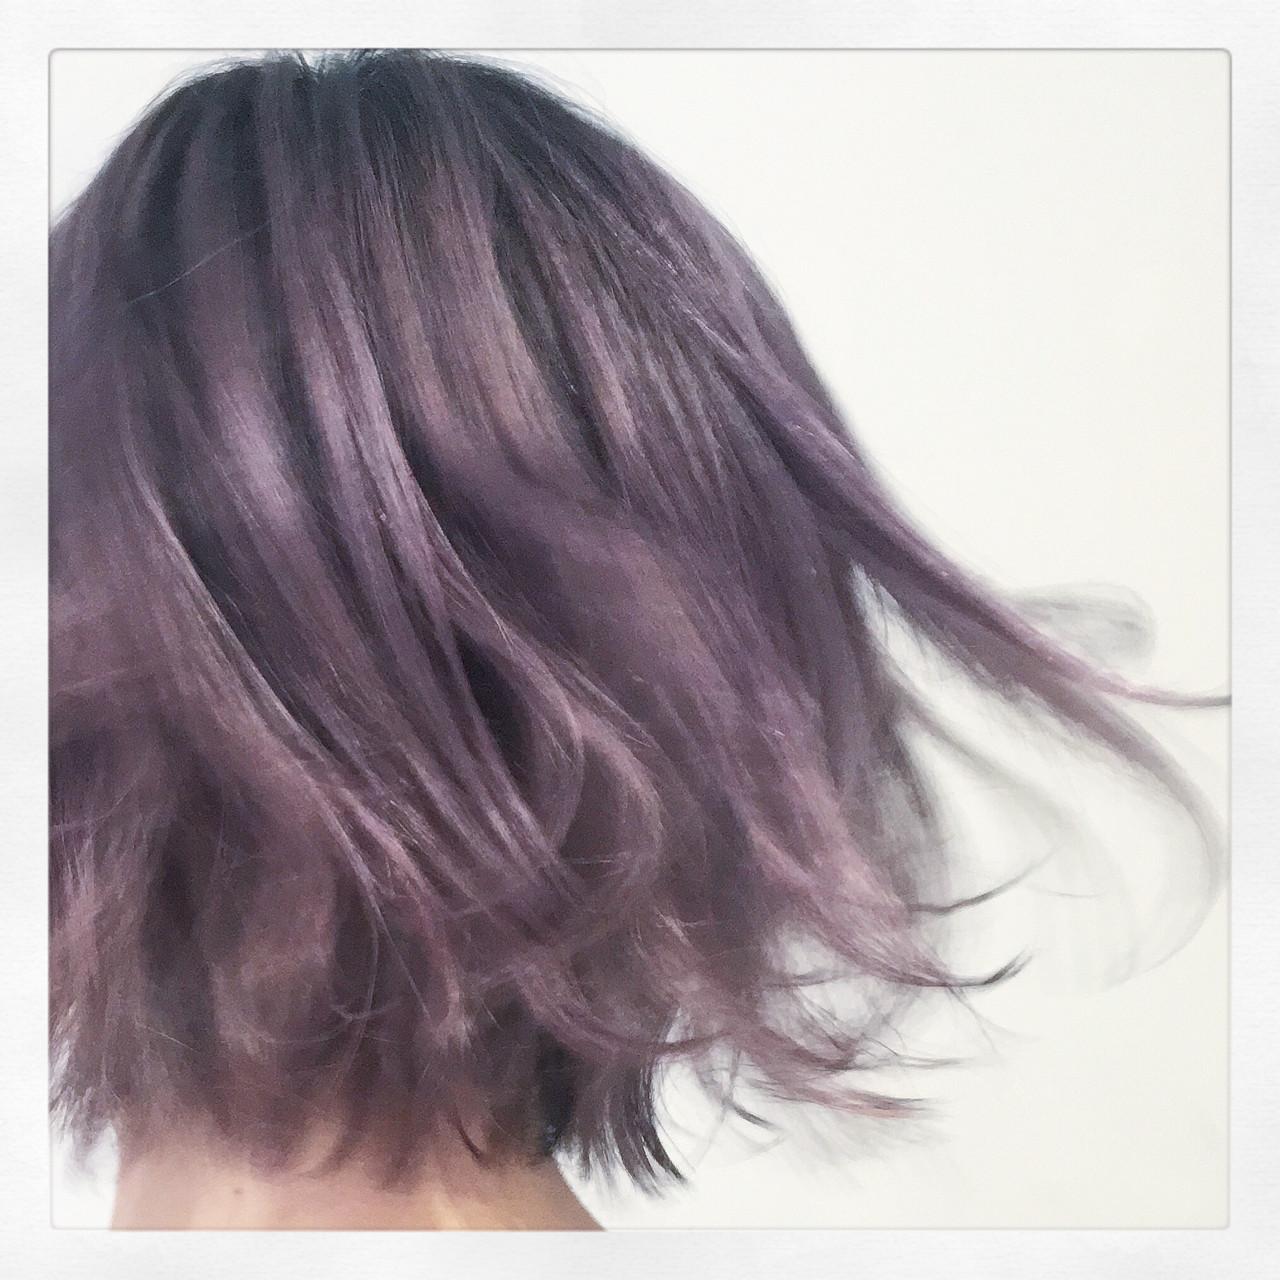 紫のヘアカラー特集♡甘ずっぱいベリーのような愛されヘアにの10枚目の画像